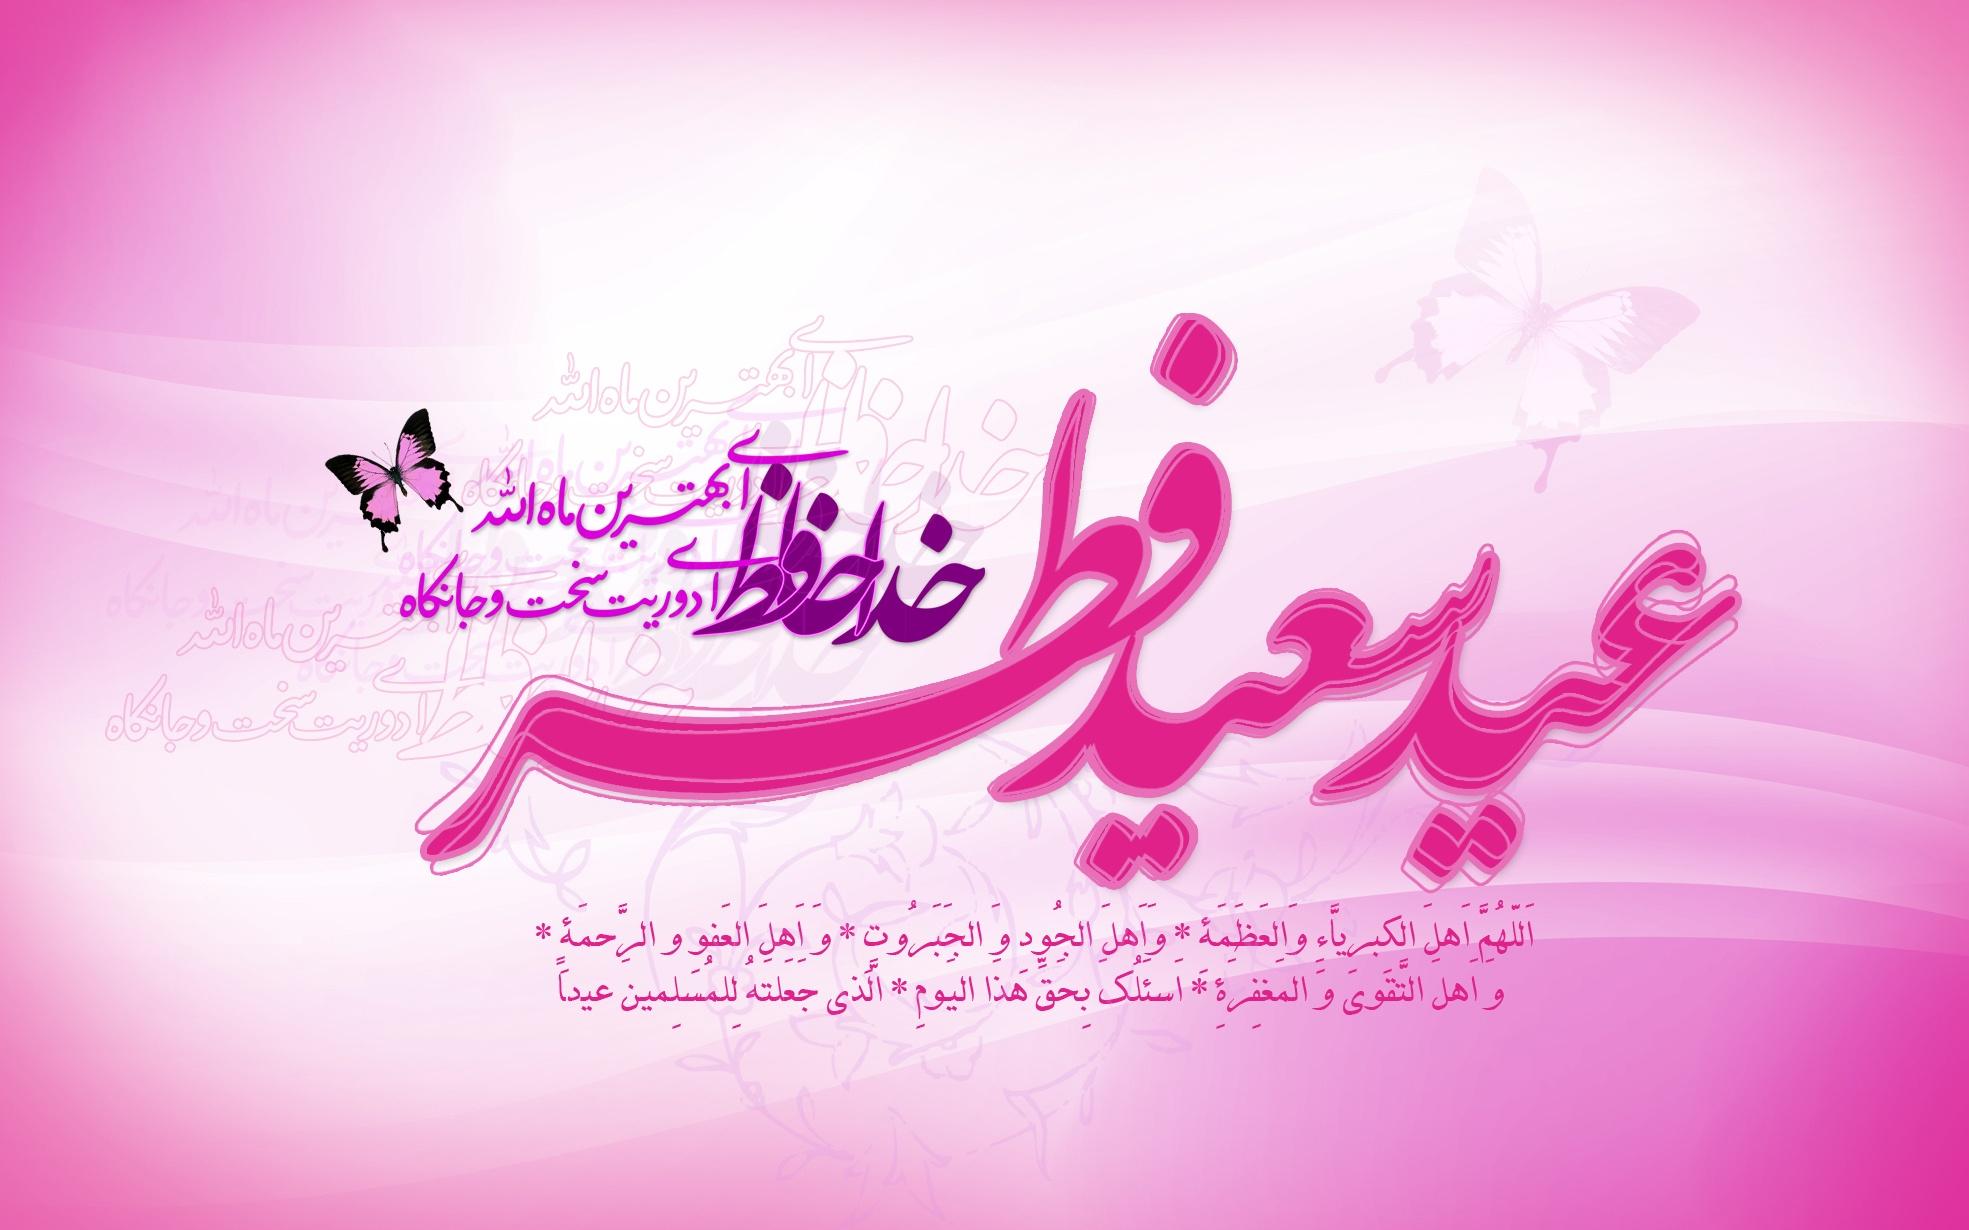 کارت پستال جدید تبریک عید سعید فطر ٩۵